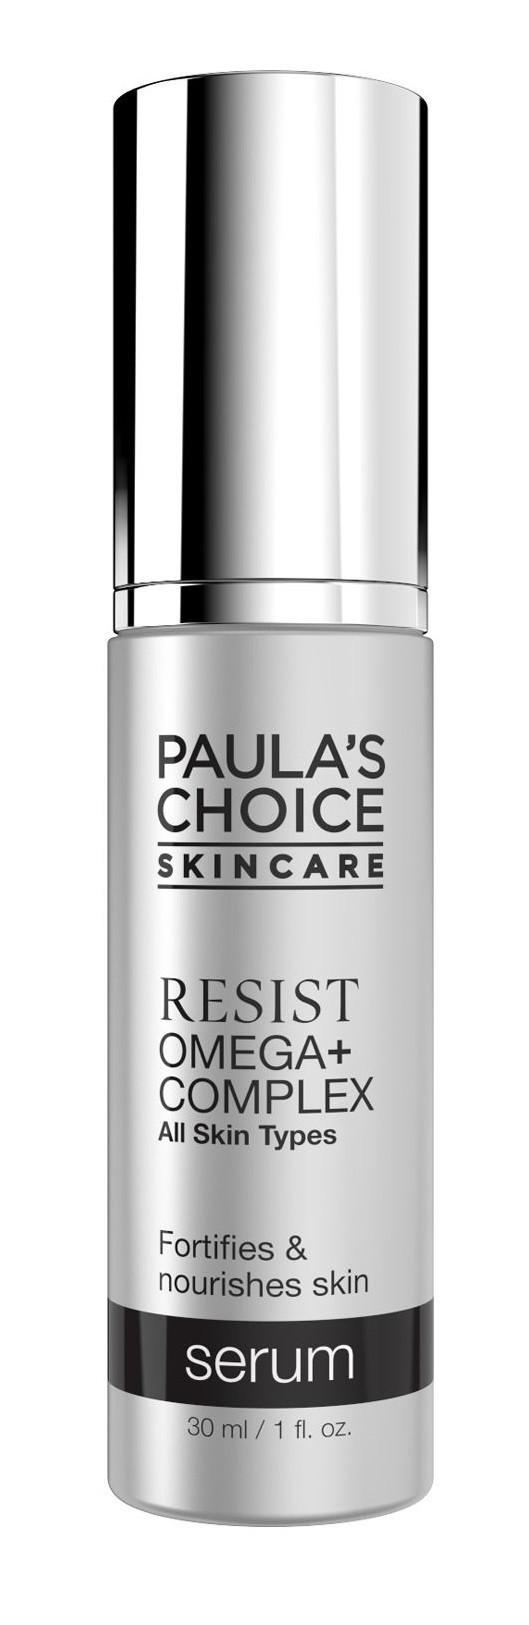 Серум Resist Omega Complex Serum от Paula's Choice